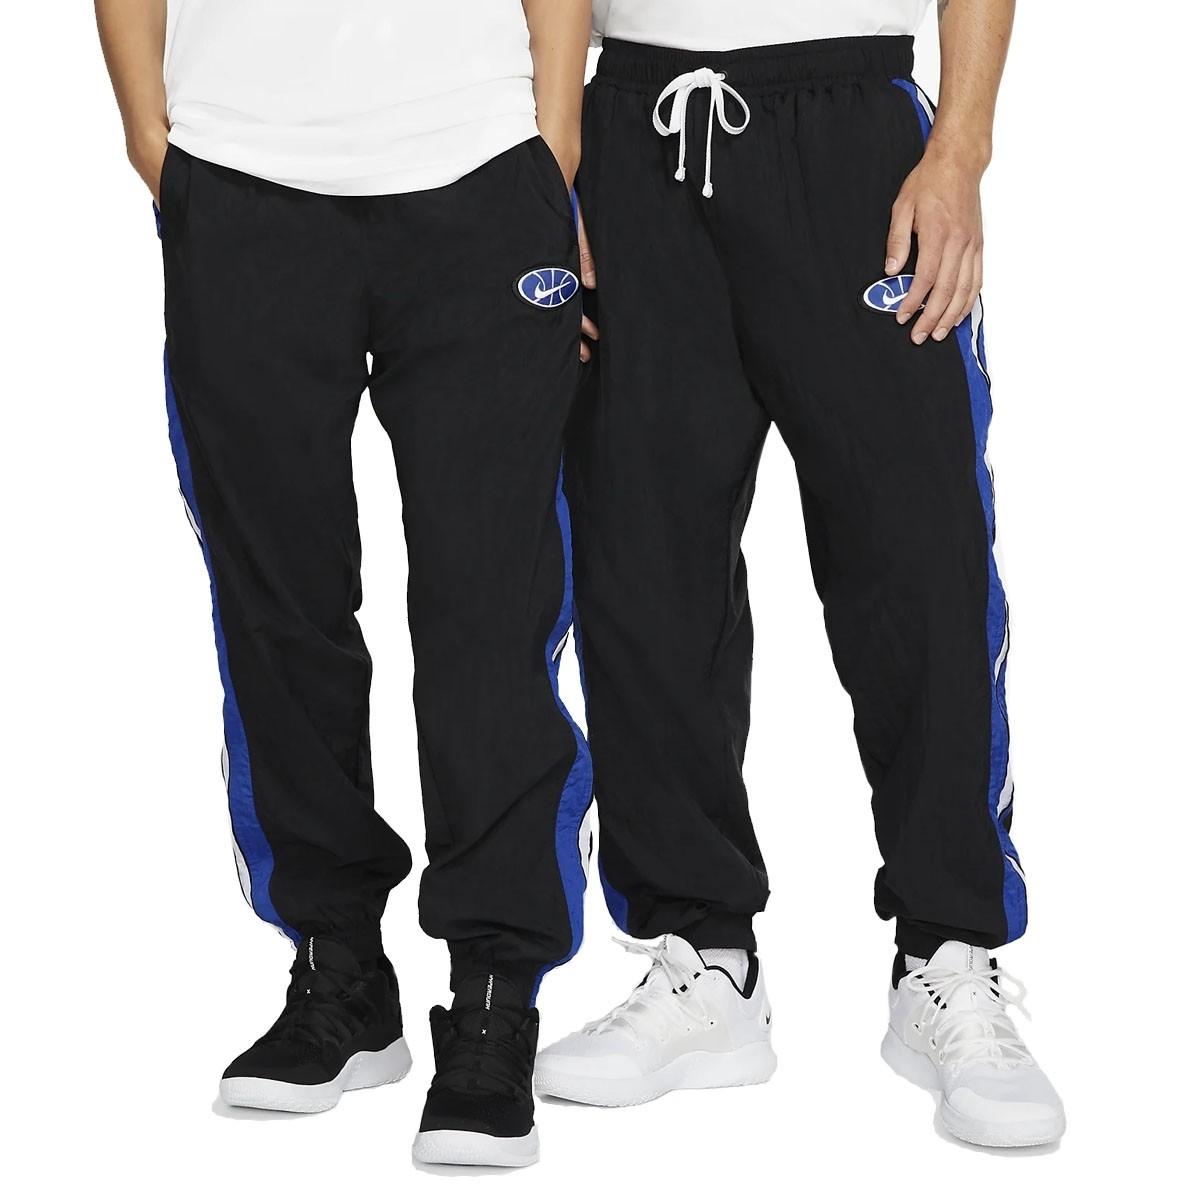 Nike Throwback Basketball Pants 'Royal'